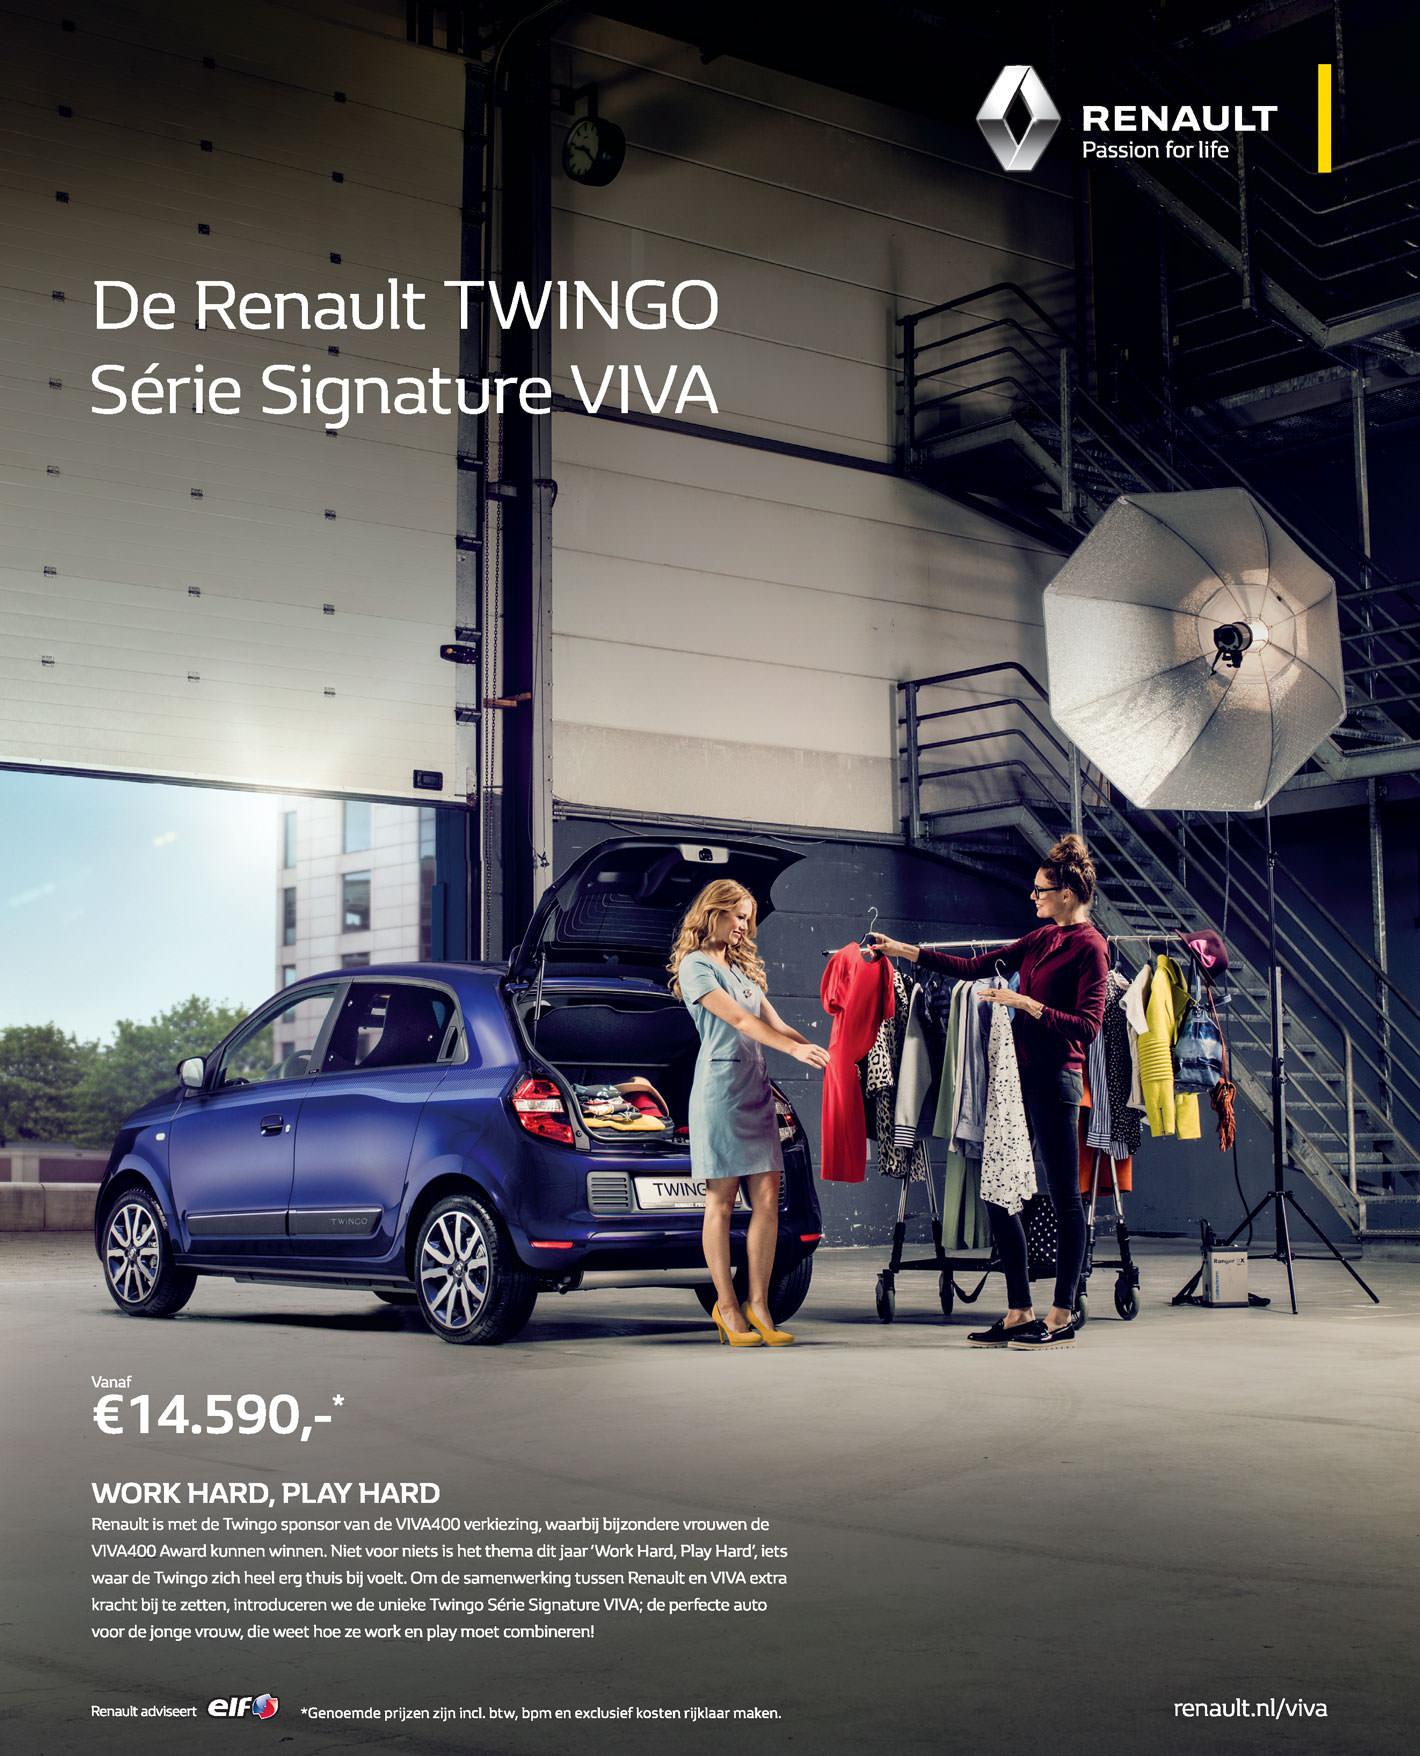 Renault by Pim Hendriksen